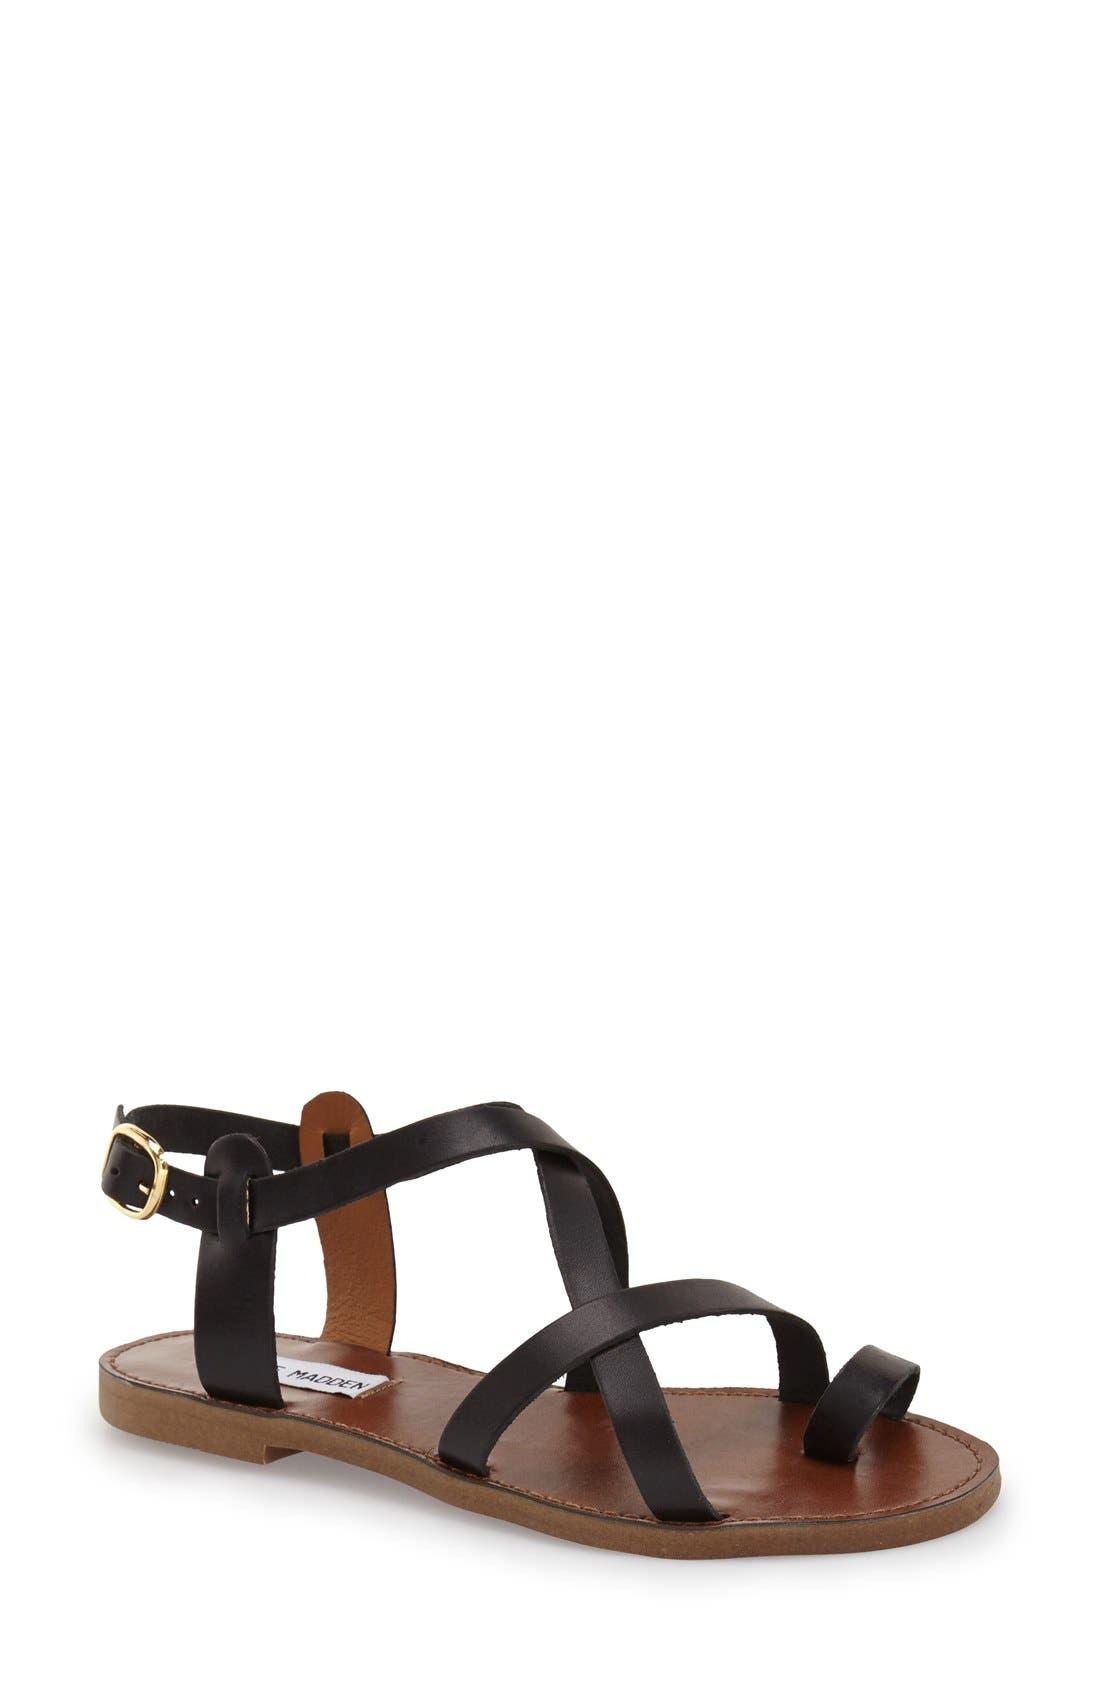 Main Image - Steve Madden 'Agathist' Leather Ankle Strap Sandal (Women)